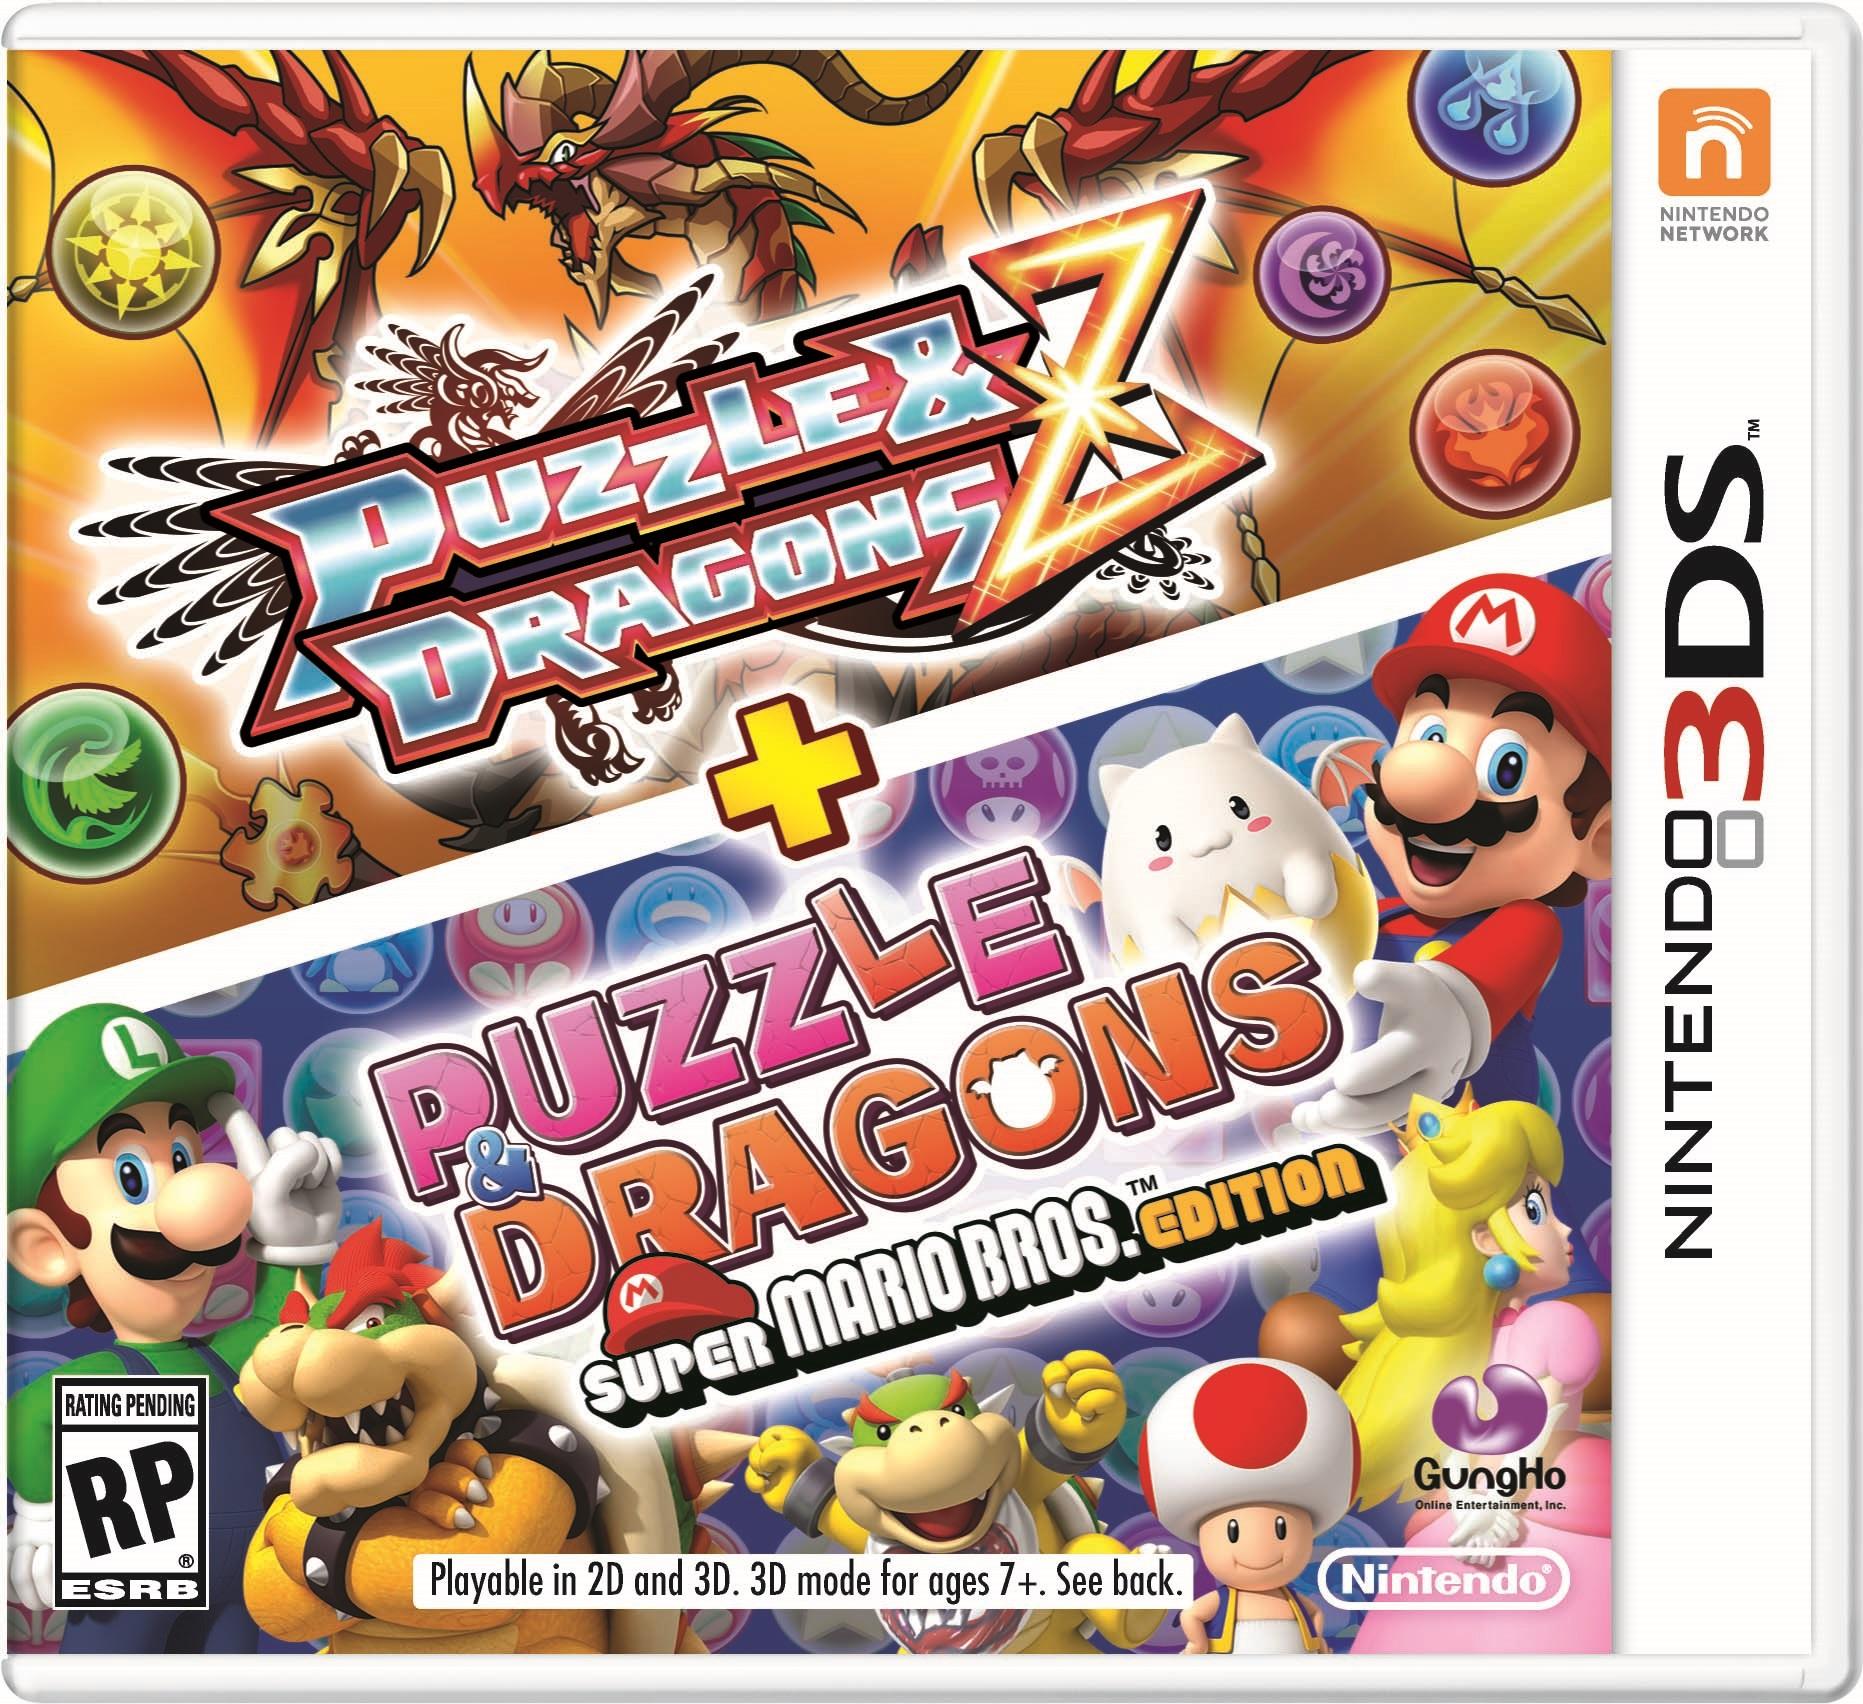 Modojo | Puzzle and Dragons: Super Mario Bros. Edition Receives Demo on April 30